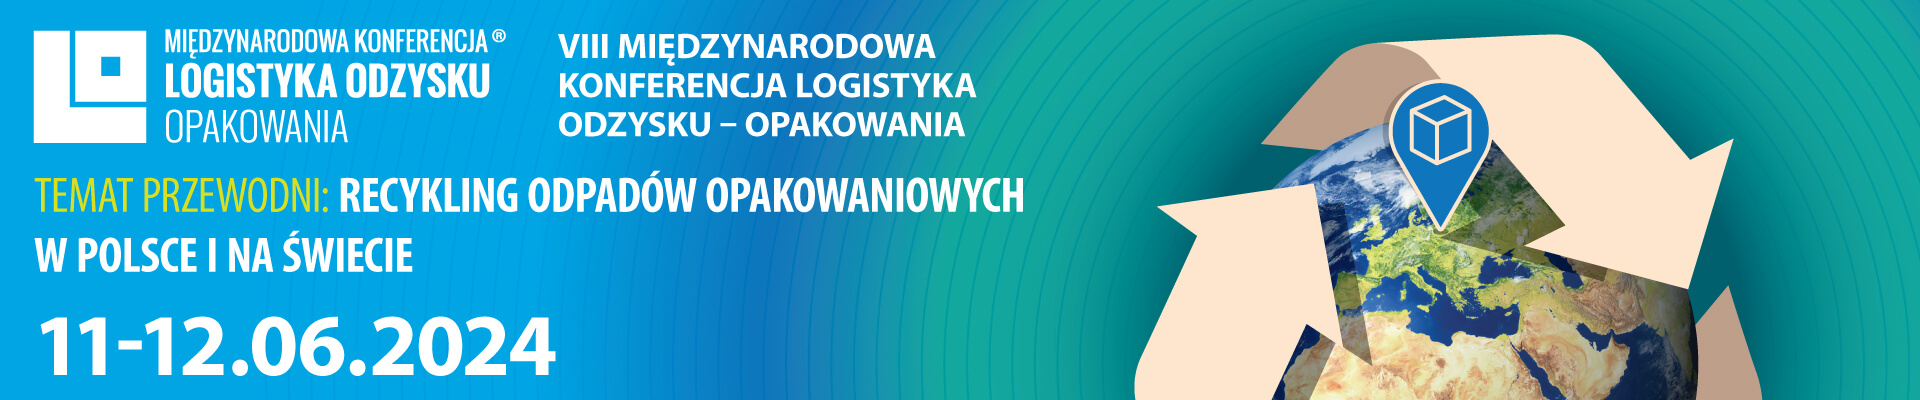 Międzynarodowa Konferencja Logistyka Odzysku - Opakowania 2024 - PL